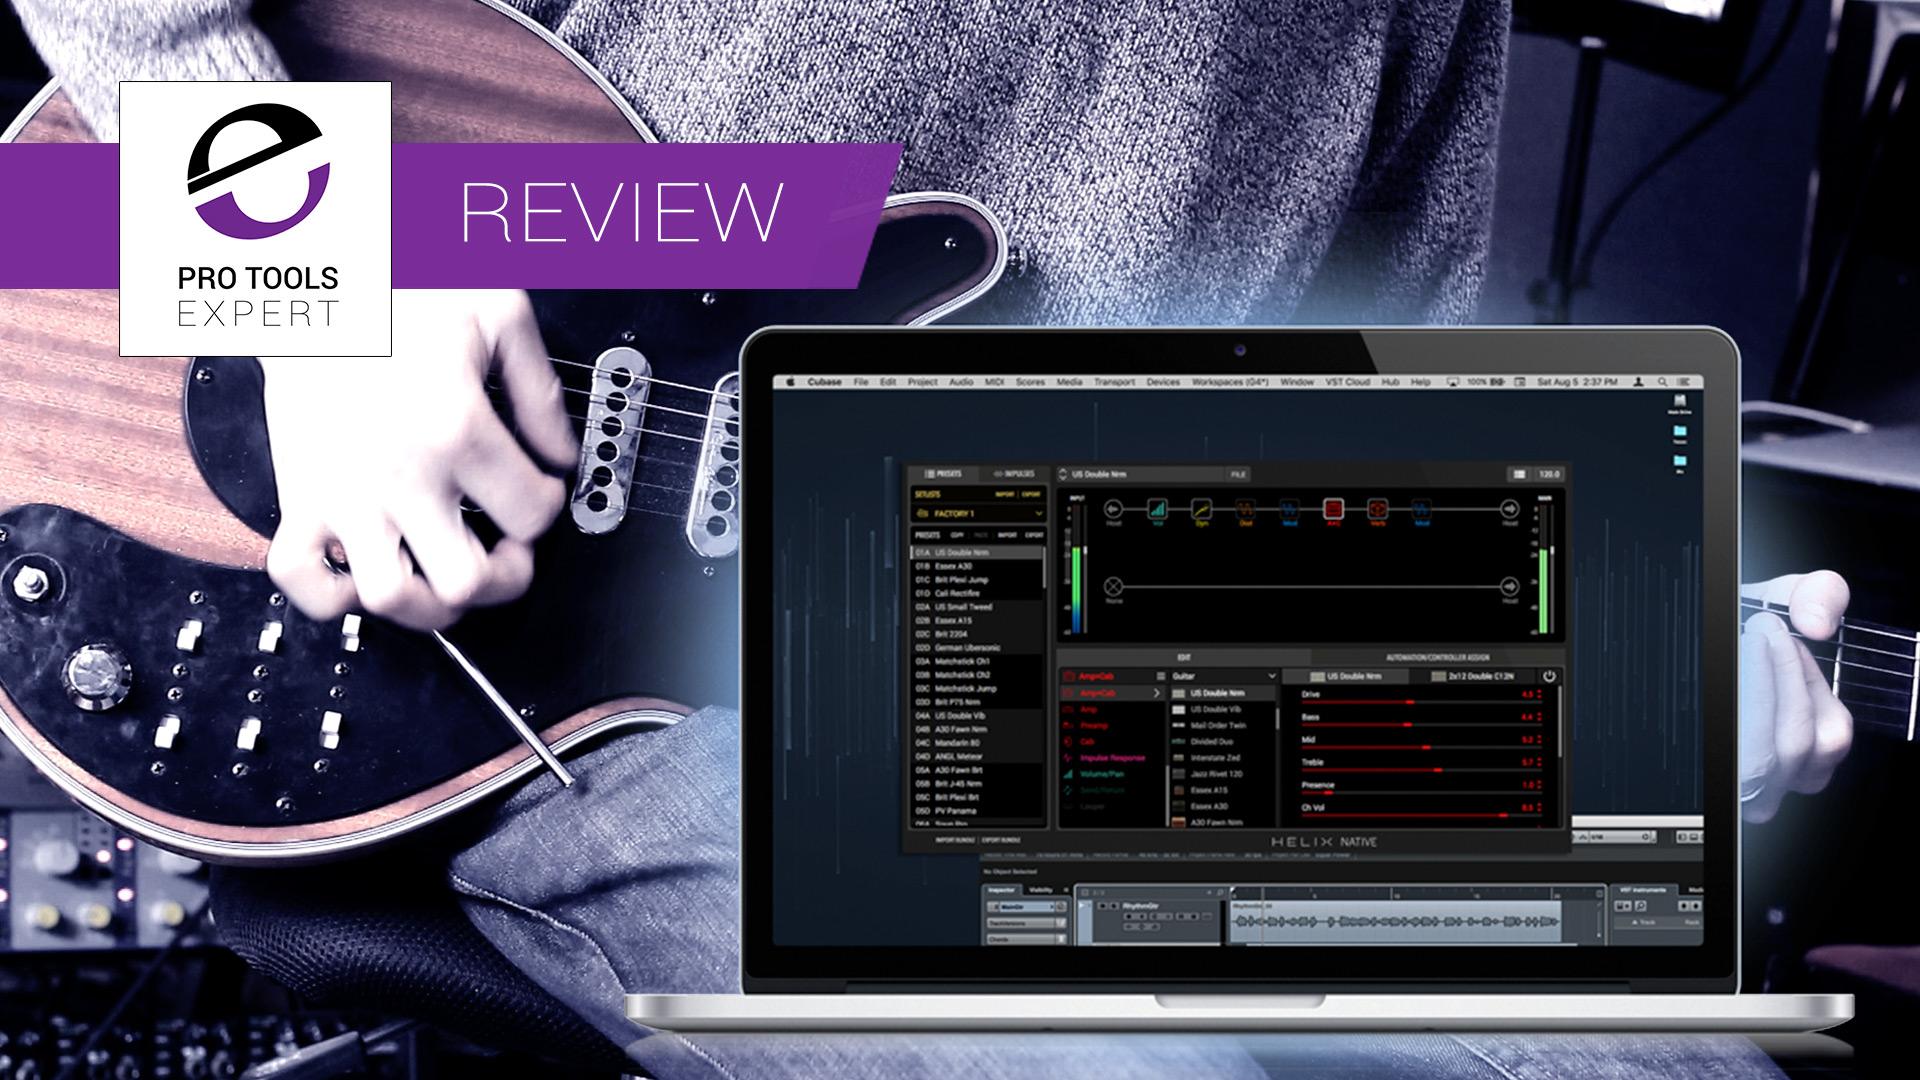 pro tools expert tutorial the electric guitar recording handbook pro tools. Black Bedroom Furniture Sets. Home Design Ideas